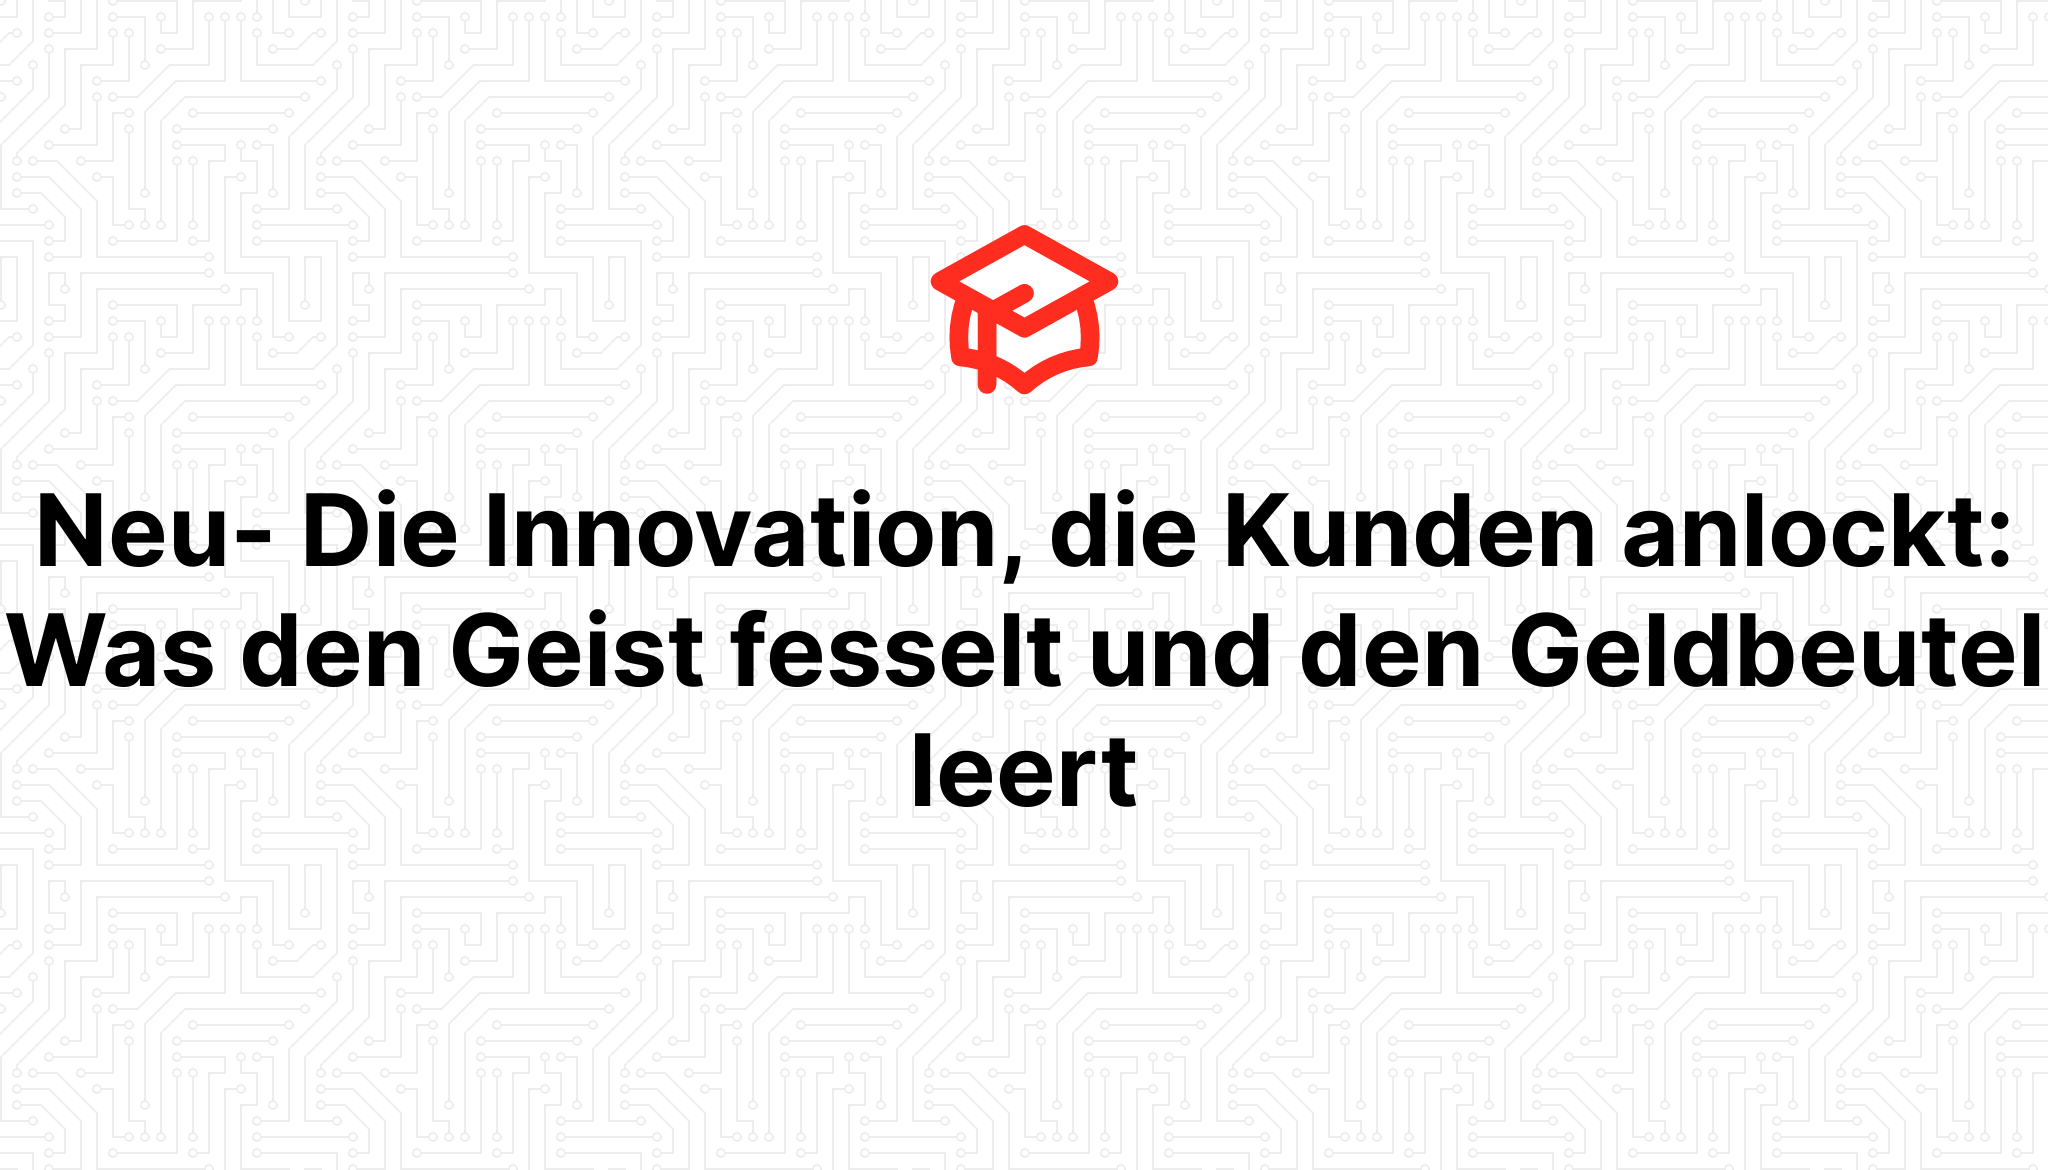 Neu- Die Innovation, die Kunden anlockt: Was den Geist fesselt und den Geldbeutel leert